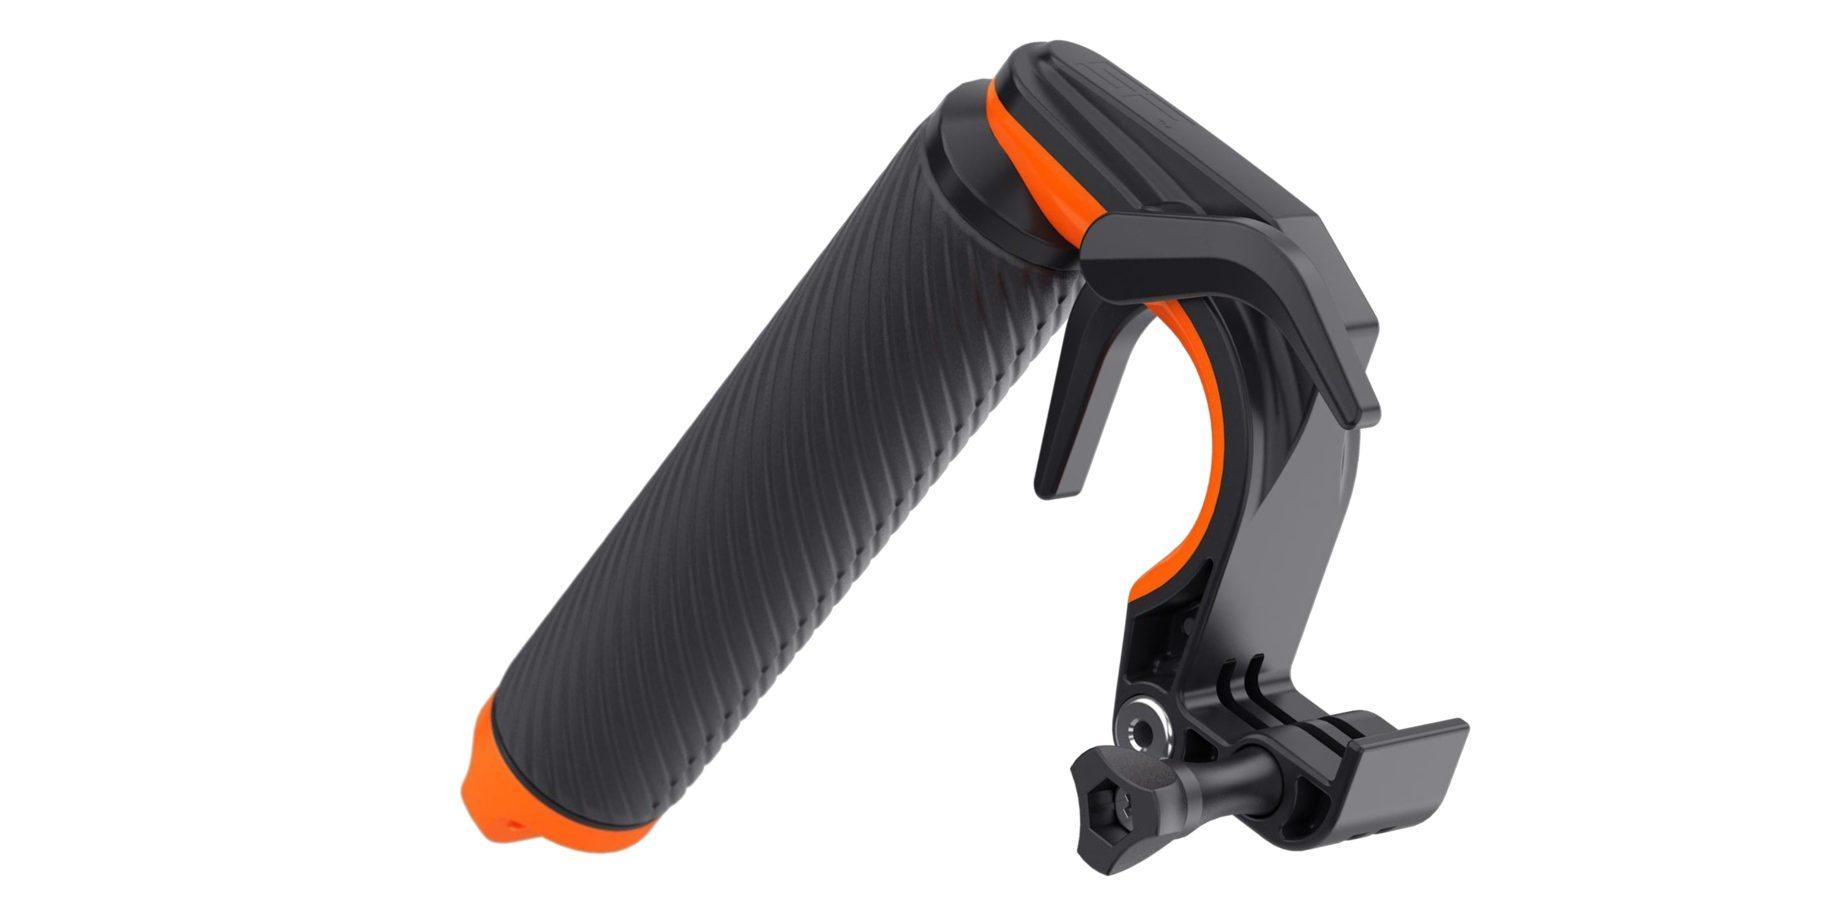 Trigger Set \ Image: SP Gadgets